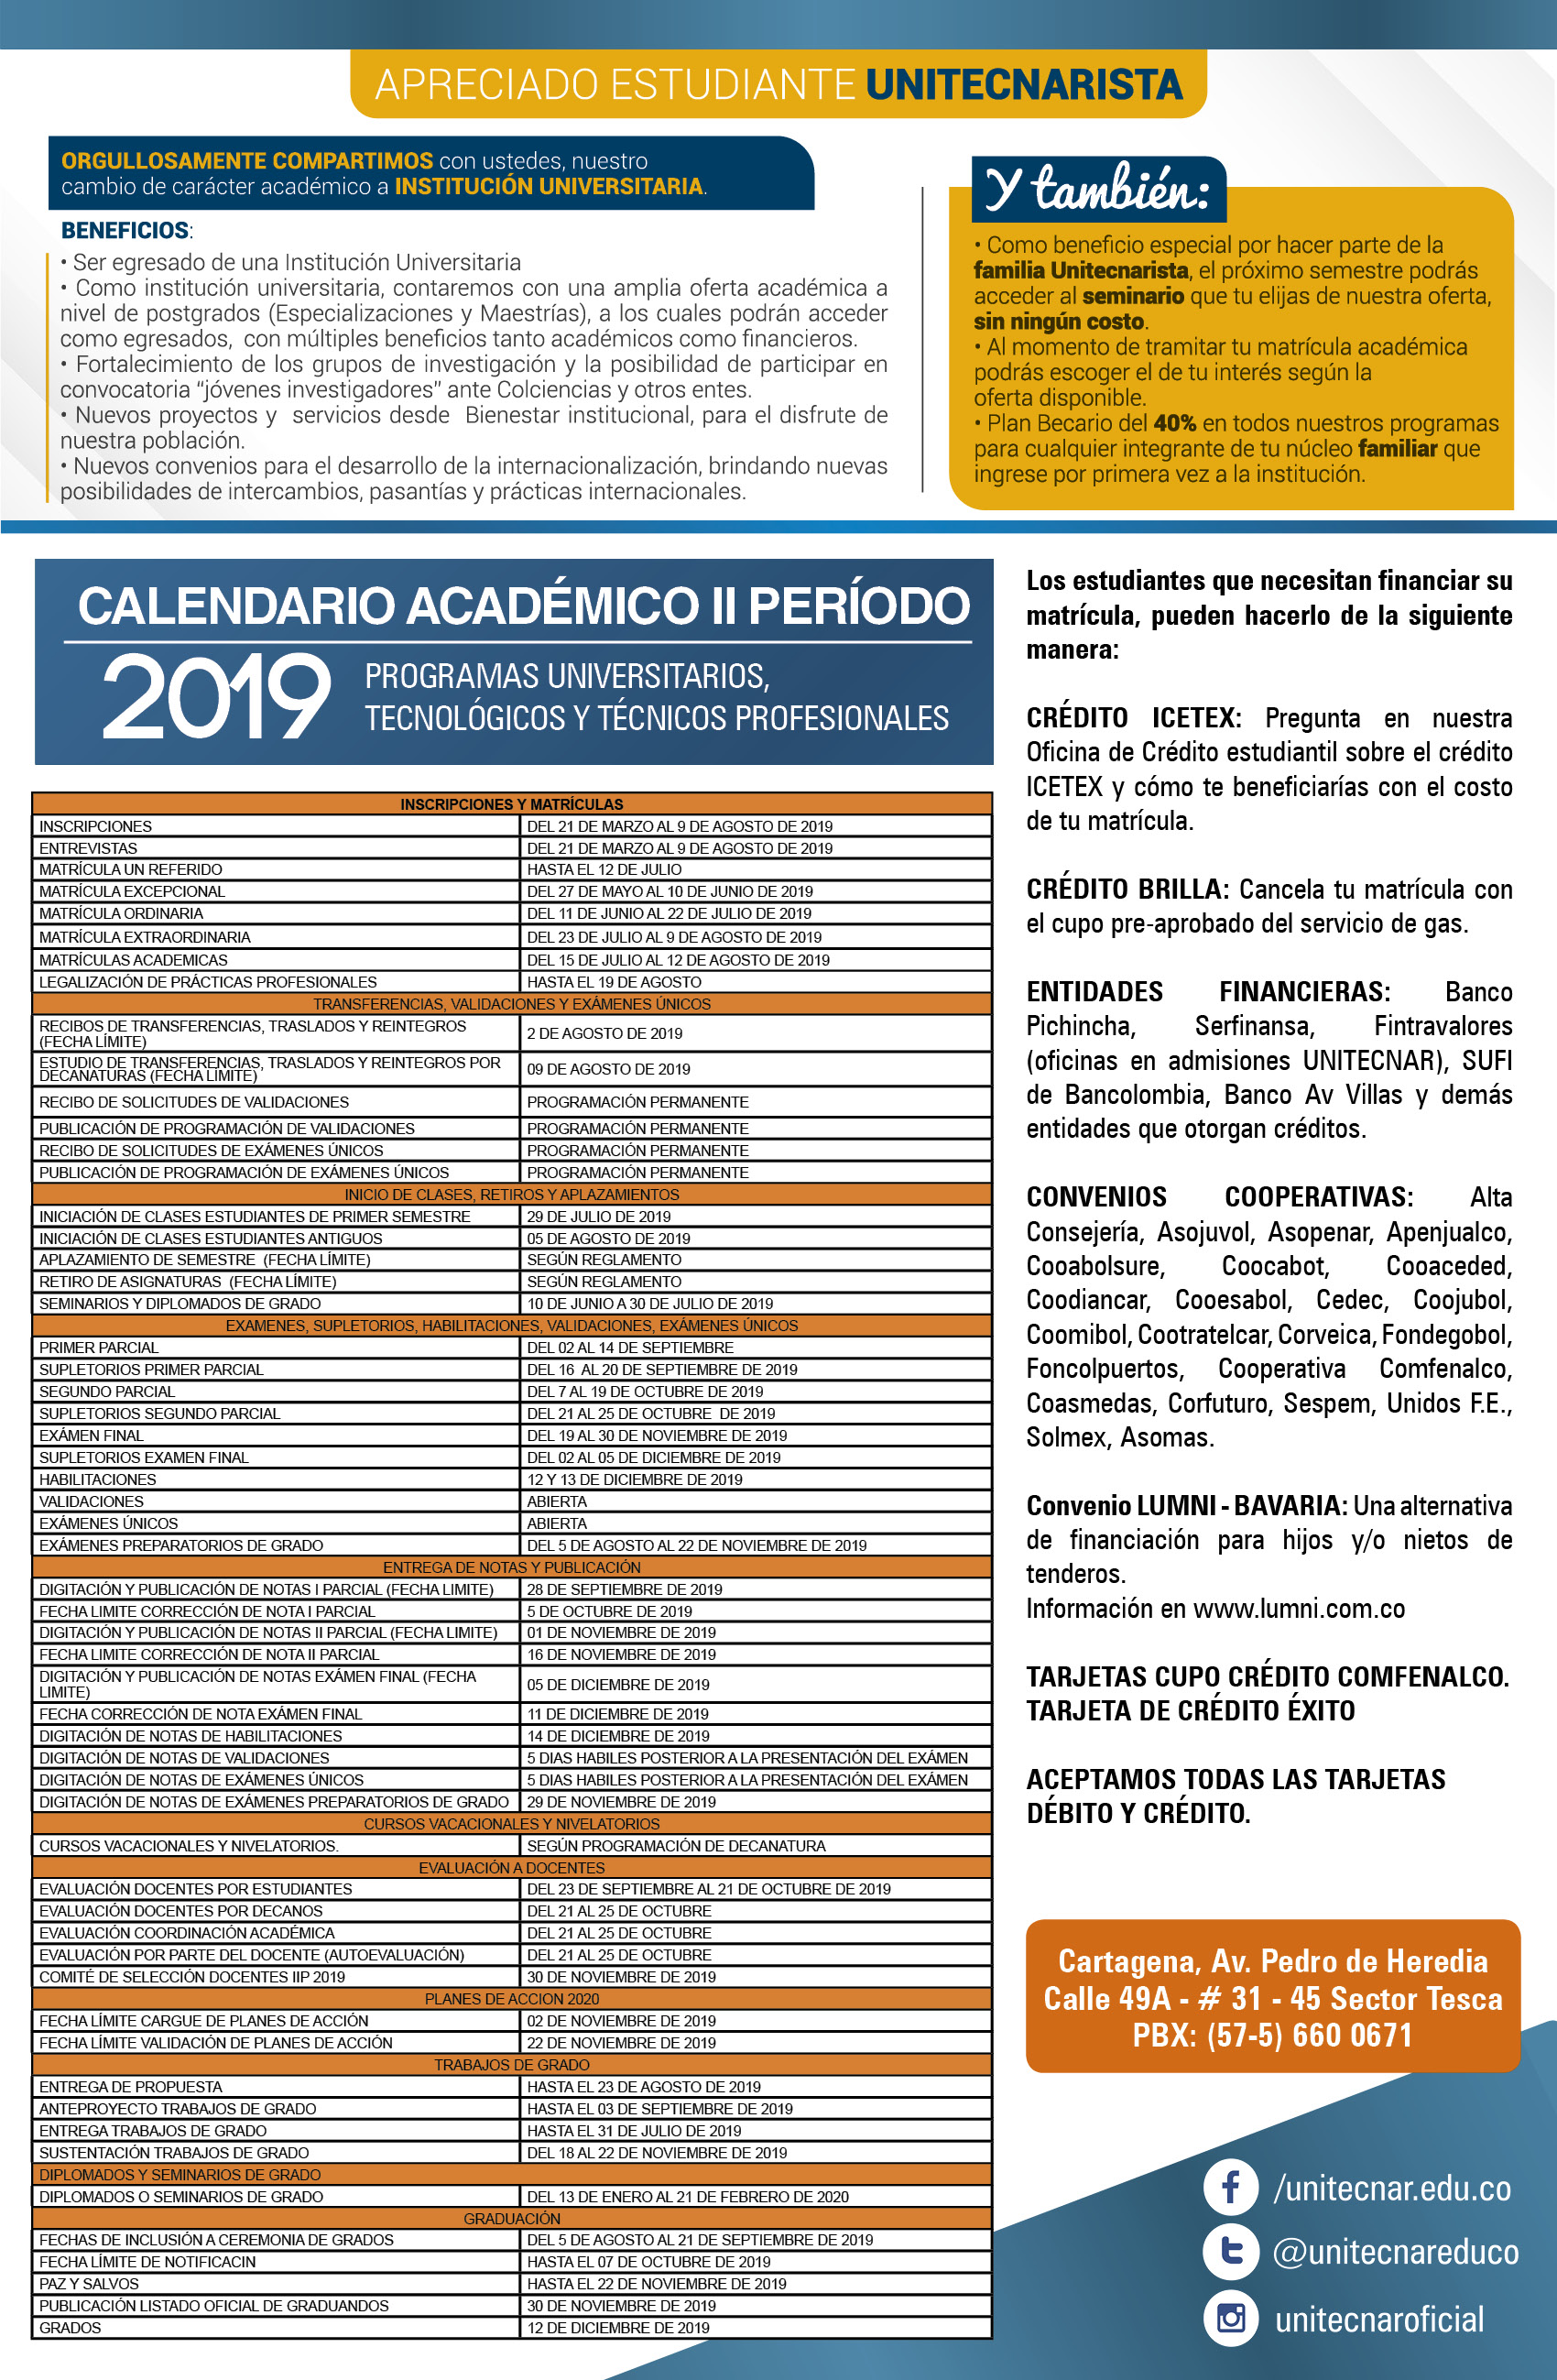 Calendario Universitario.Calendario Academico Fundacion Universitaria Antonio De